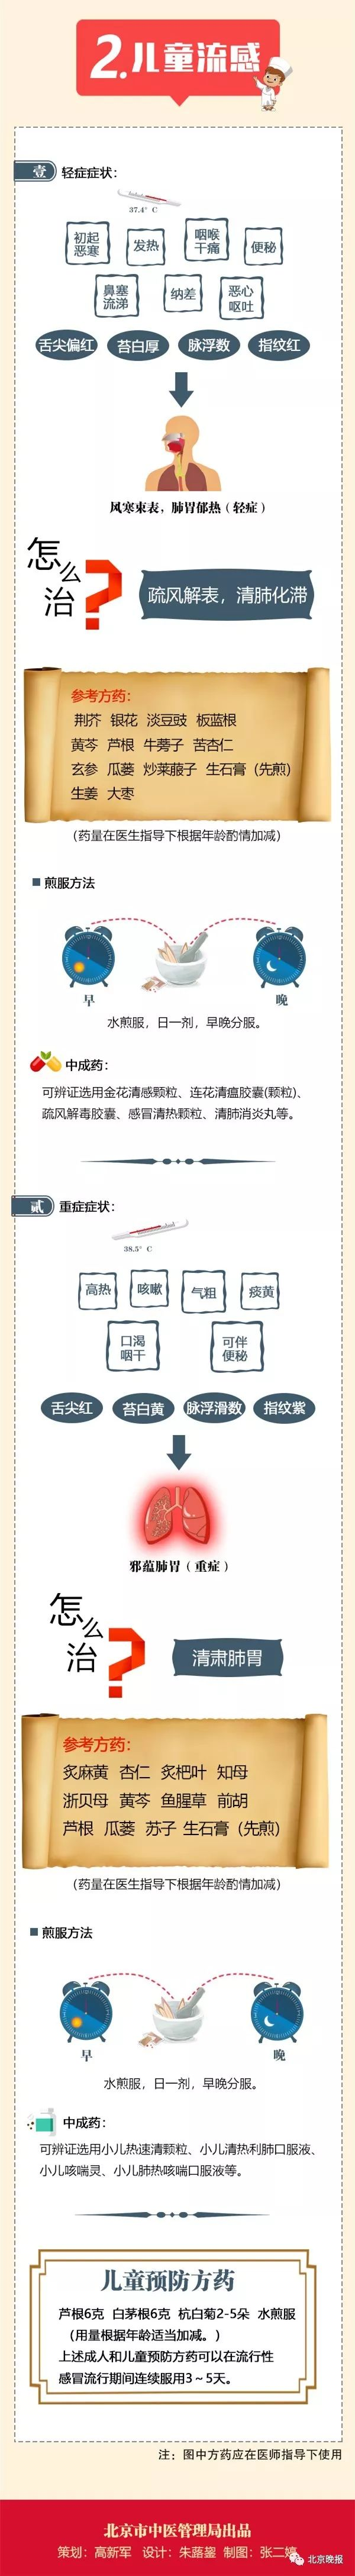 北京38家中医医疗机构设置儿科流感专台(附名单)[墙根网]